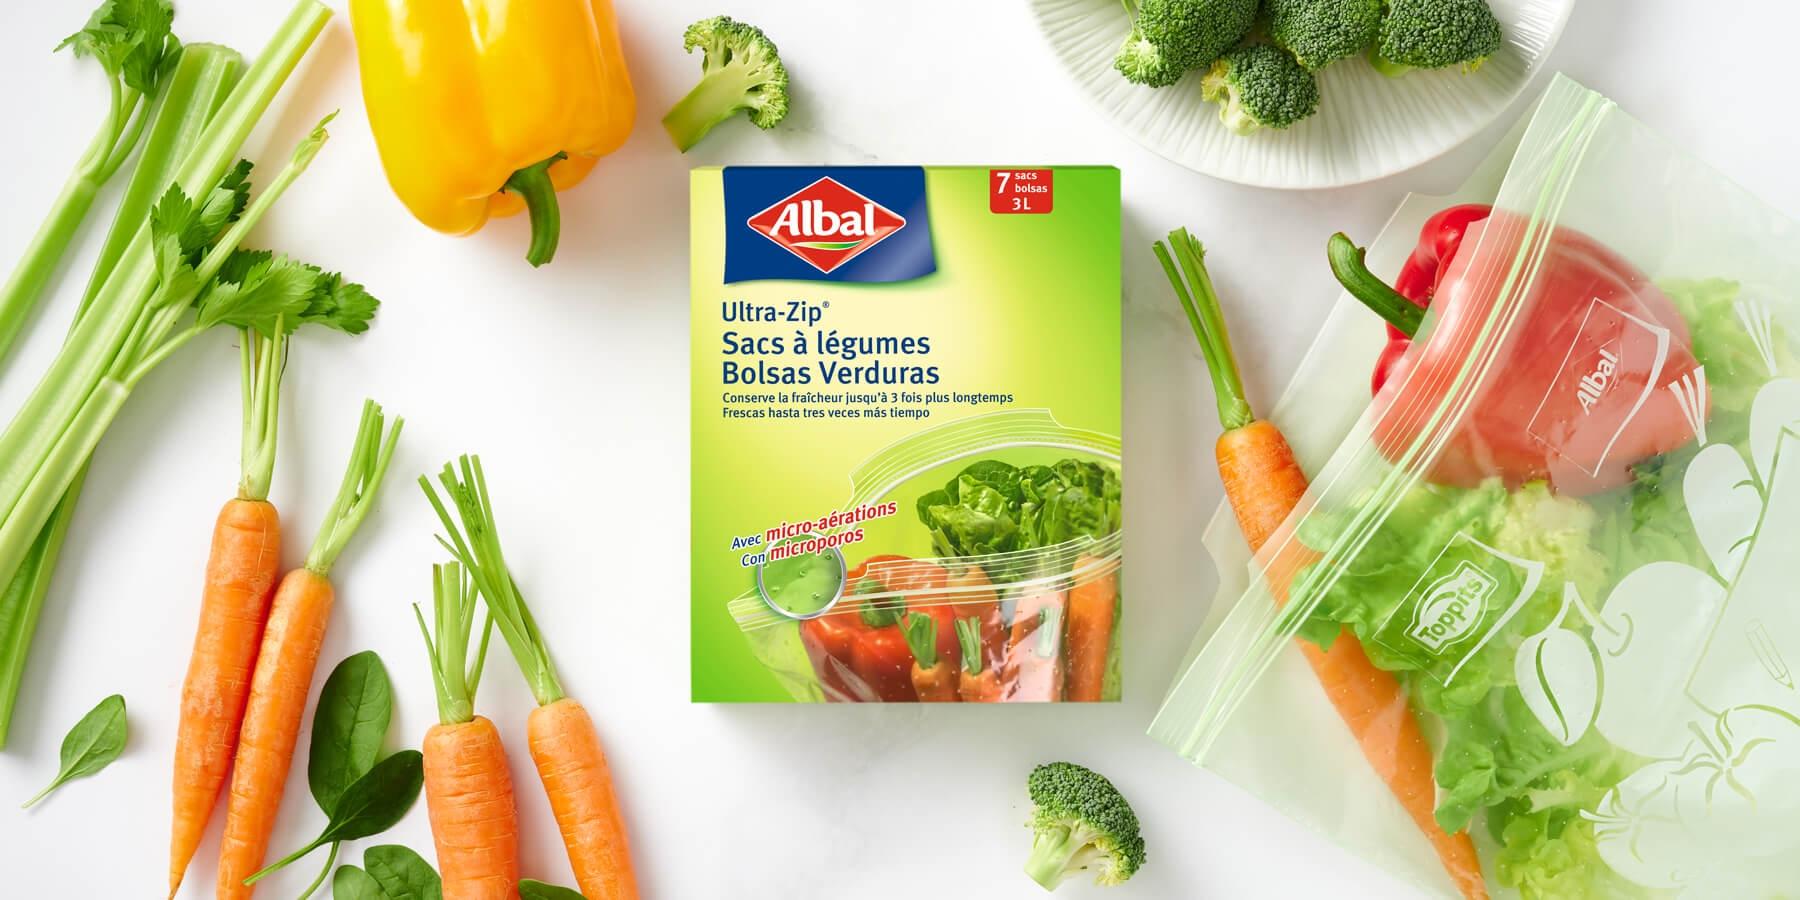 Quartiers de pomme fraîchement découpés dans un sacs Fruits et légumes Ultra-Zip® d'Albal®